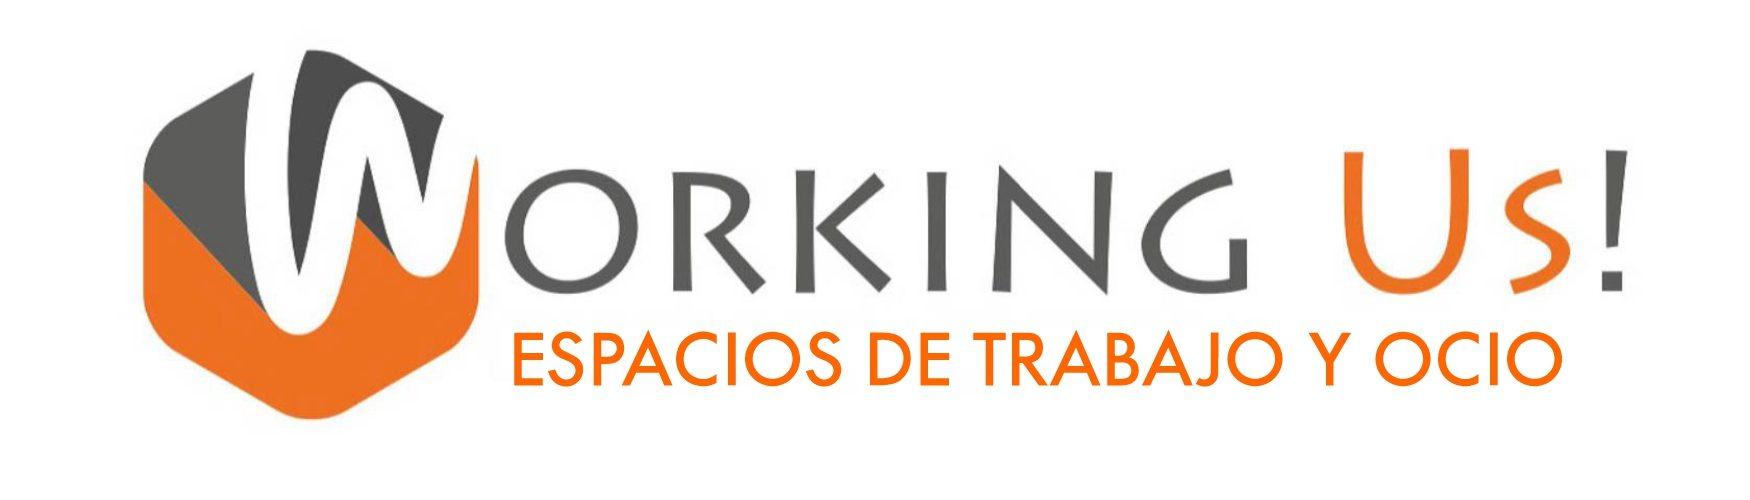 Working Us! Espacios de trabajo y ocio en Alcorcón